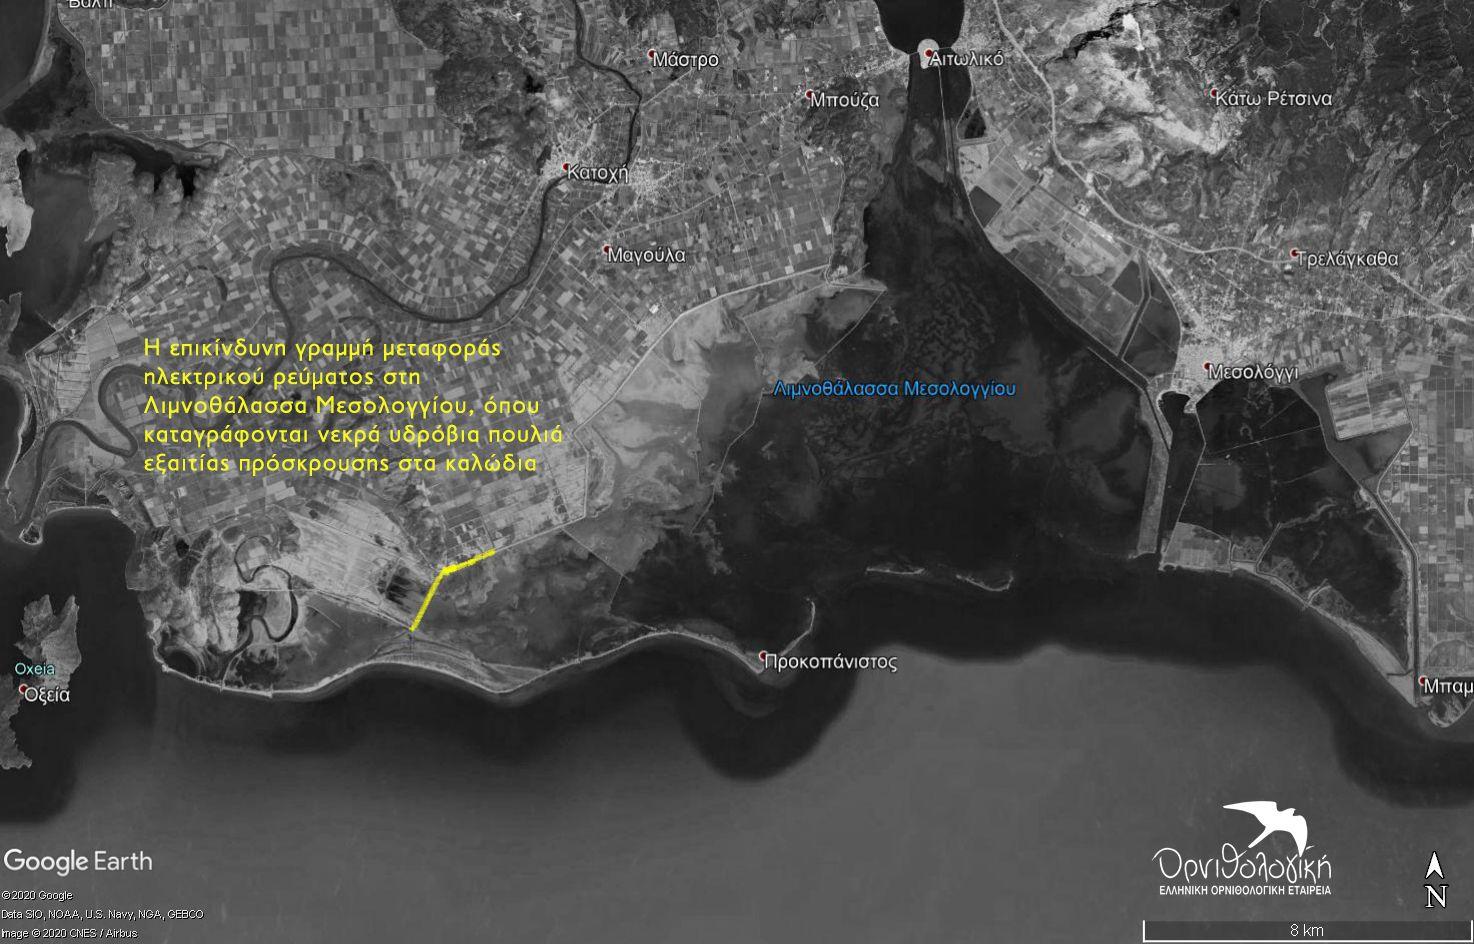 Λιμνοθάλασσα Μεσολογγίου: Καλώδια-παγίδα για τους Αργυροπελεκάνους